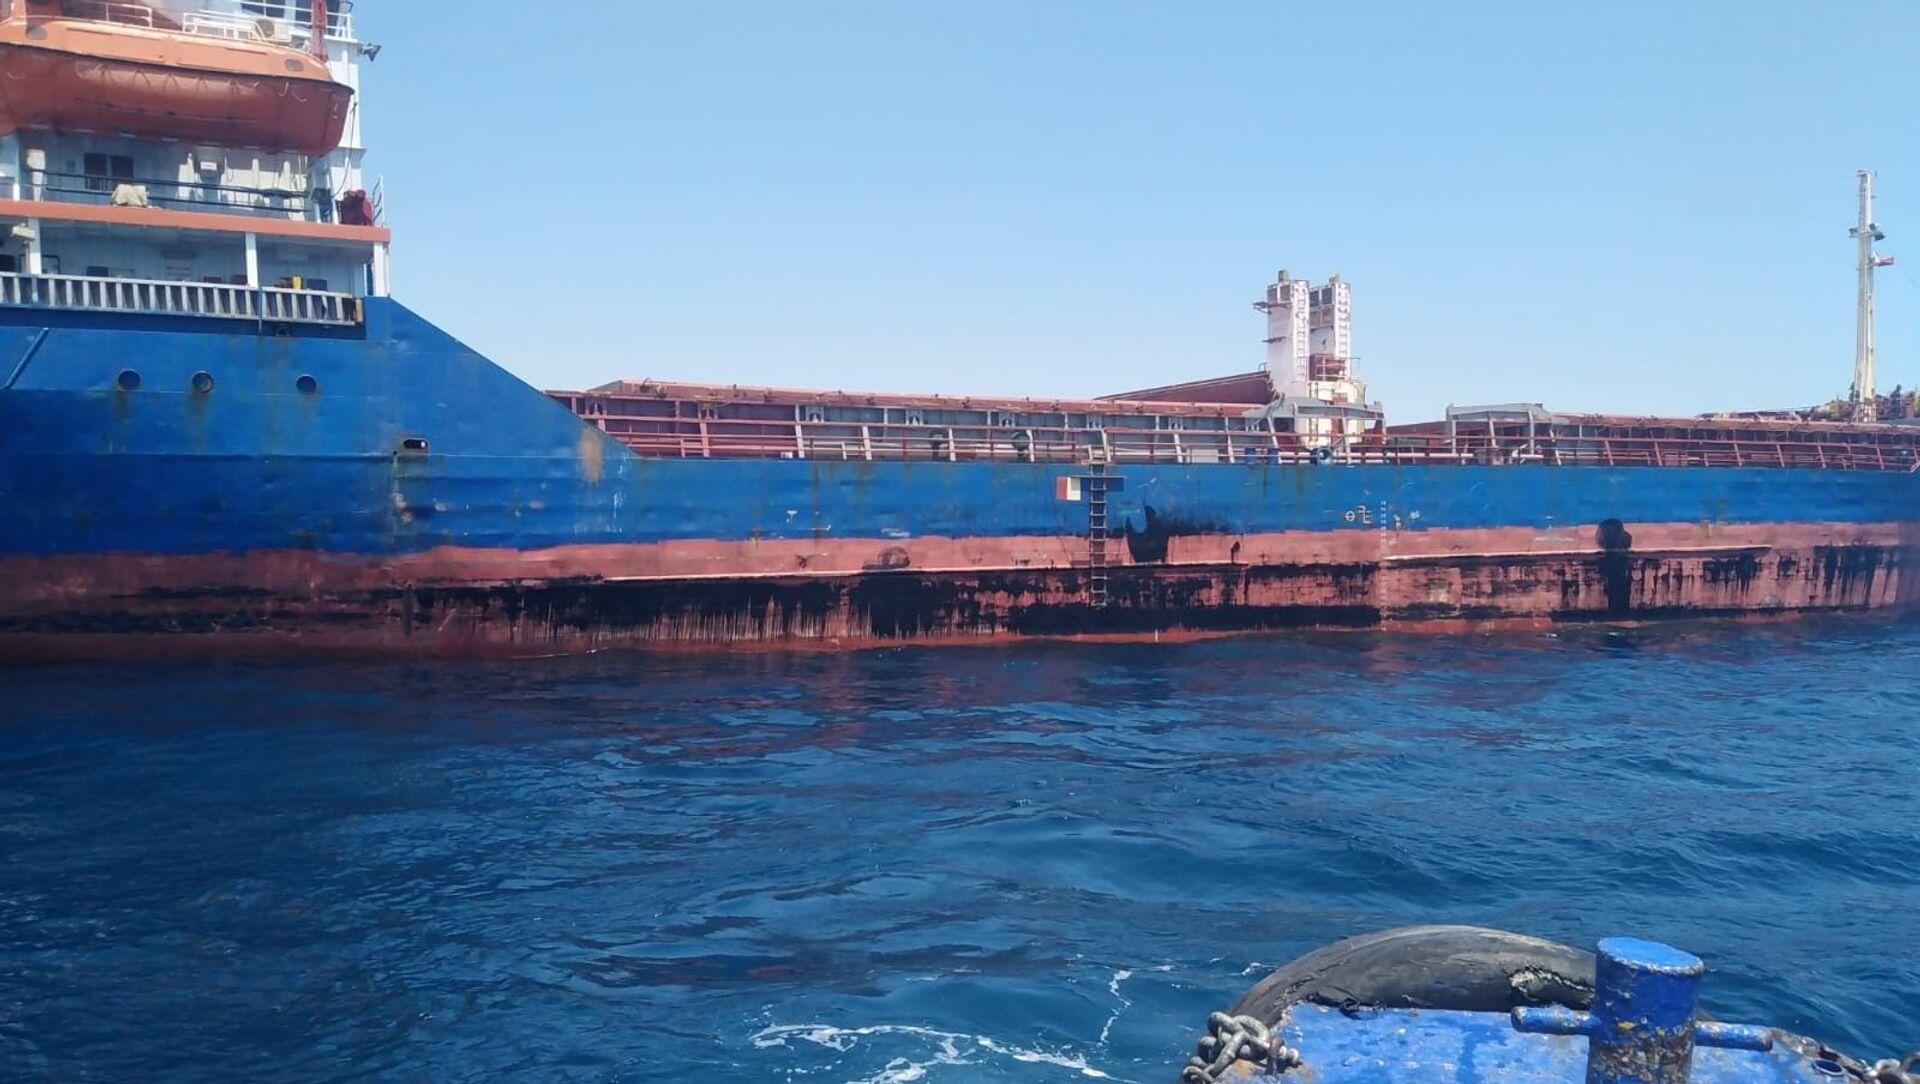 Antalya Büyükşehir Belediyesi deniz kirliliğine neden olan bir gemiye 1 milyon 566 bin 864 TL para cezası uyguladı. - Sputnik Türkiye, 1920, 23.05.2021